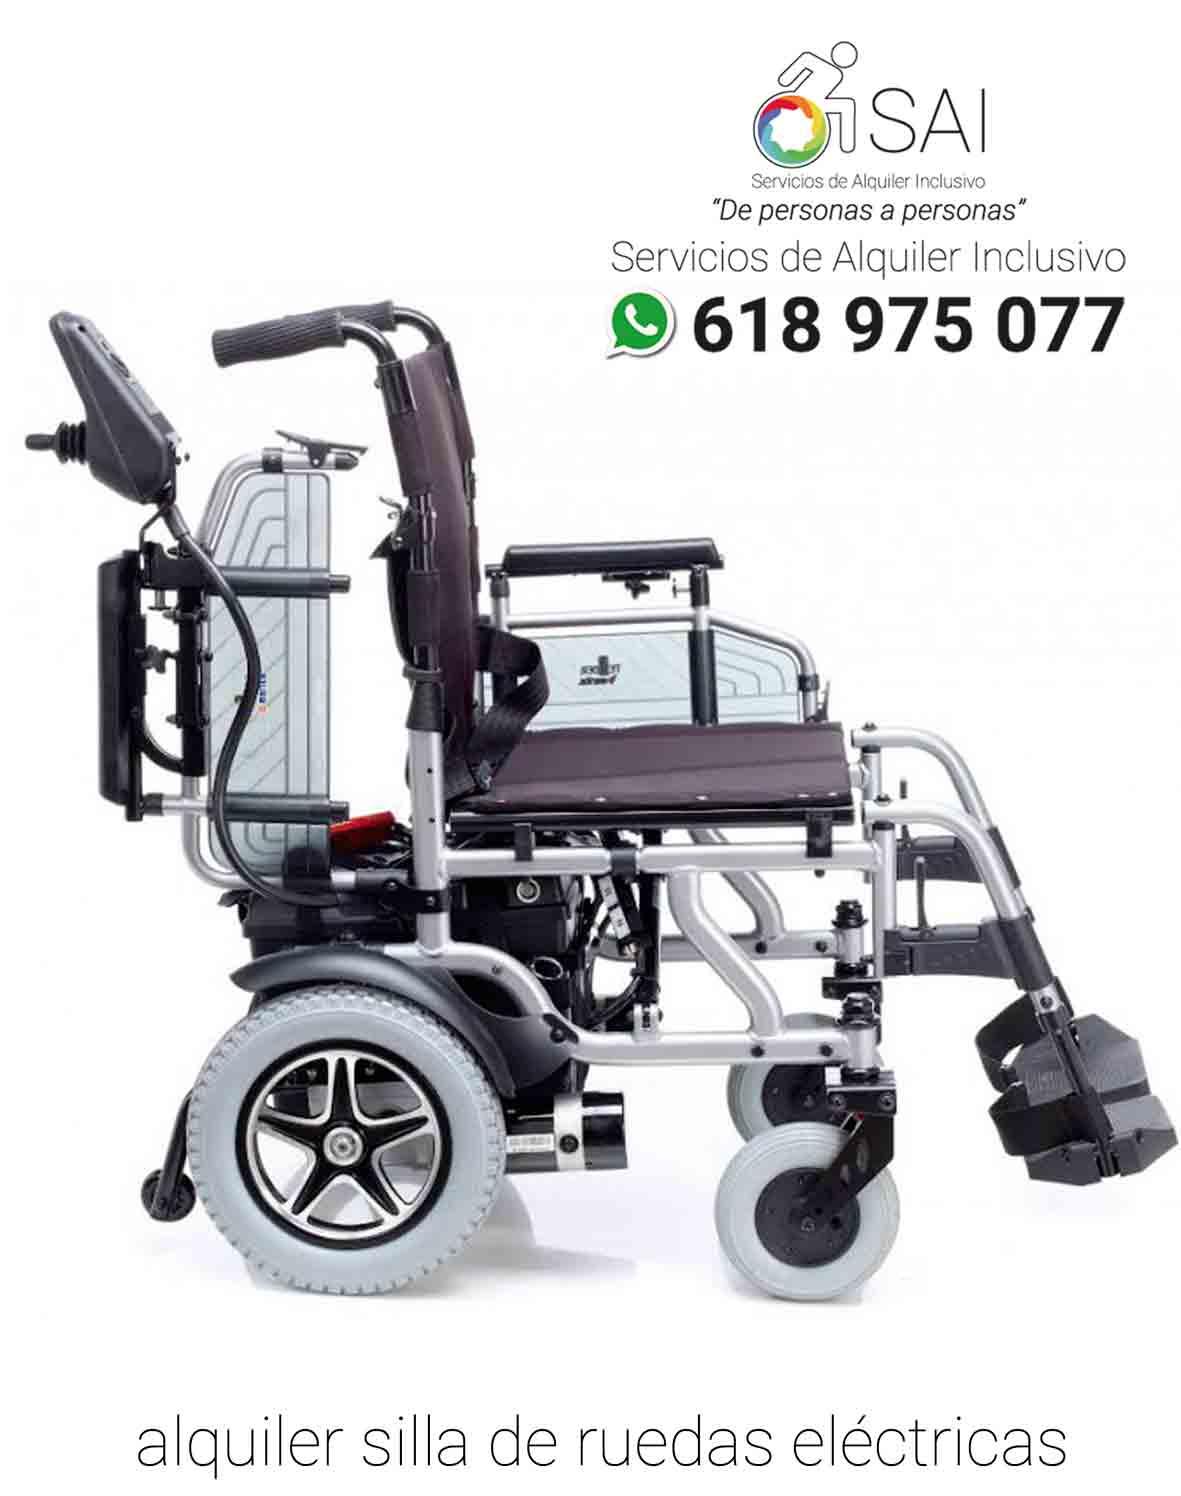 Servicios alquiler inclusivo barcelona alquiler silla de ruedas electrica - Alquiler de sillas de ruedas en valencia ...